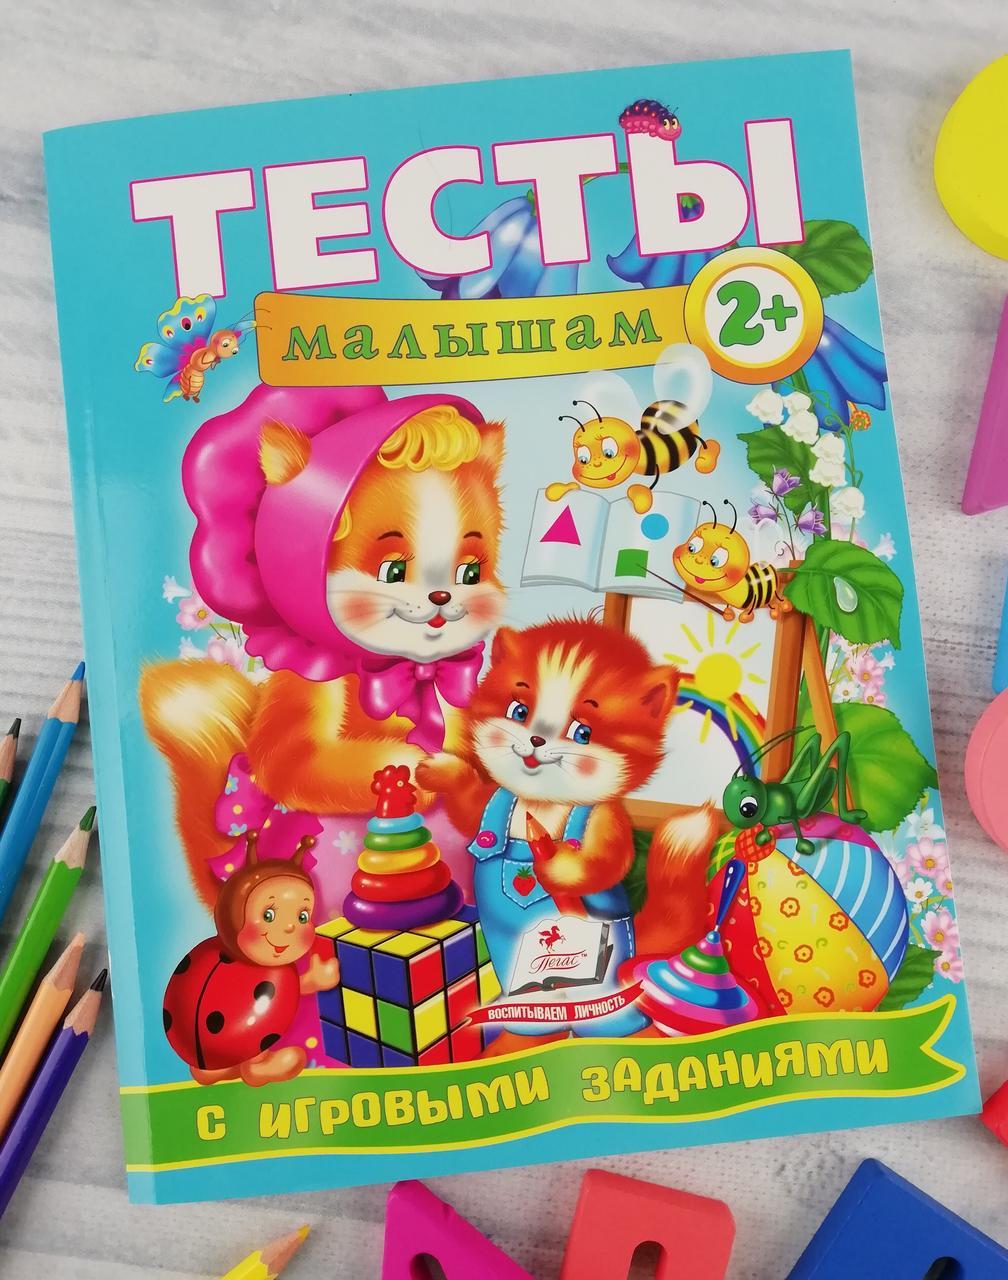 Розвиваюча книга. Тести малюкам 2+ з ігровими завданнями 87674 Пегас Україна